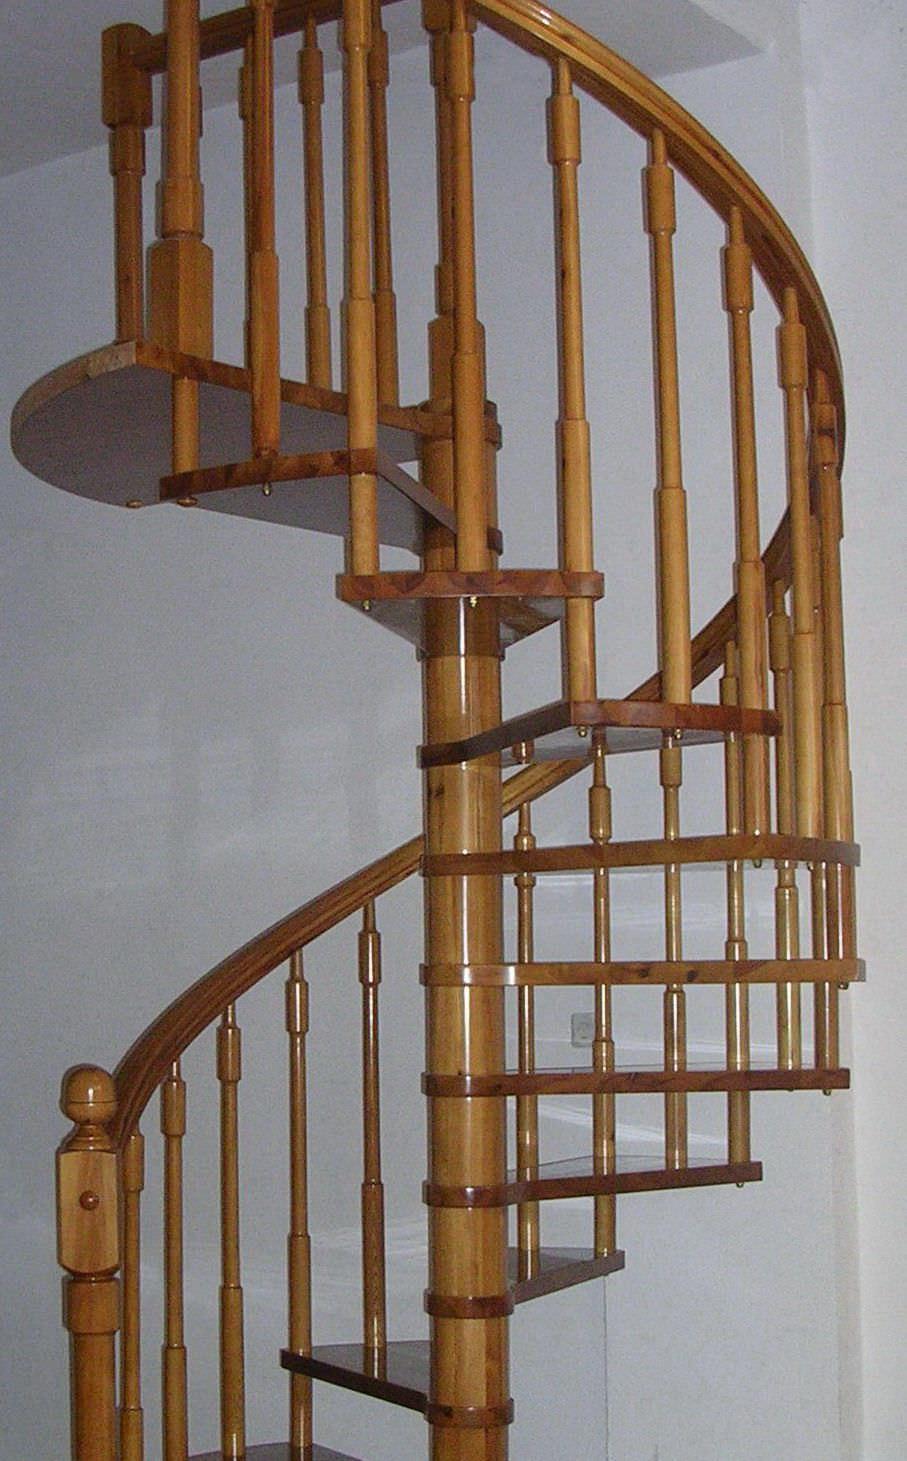 Escalera De Caracol Con Pelda Os De Madera Estructura De  ~ Precios De Escaleras De Caracol